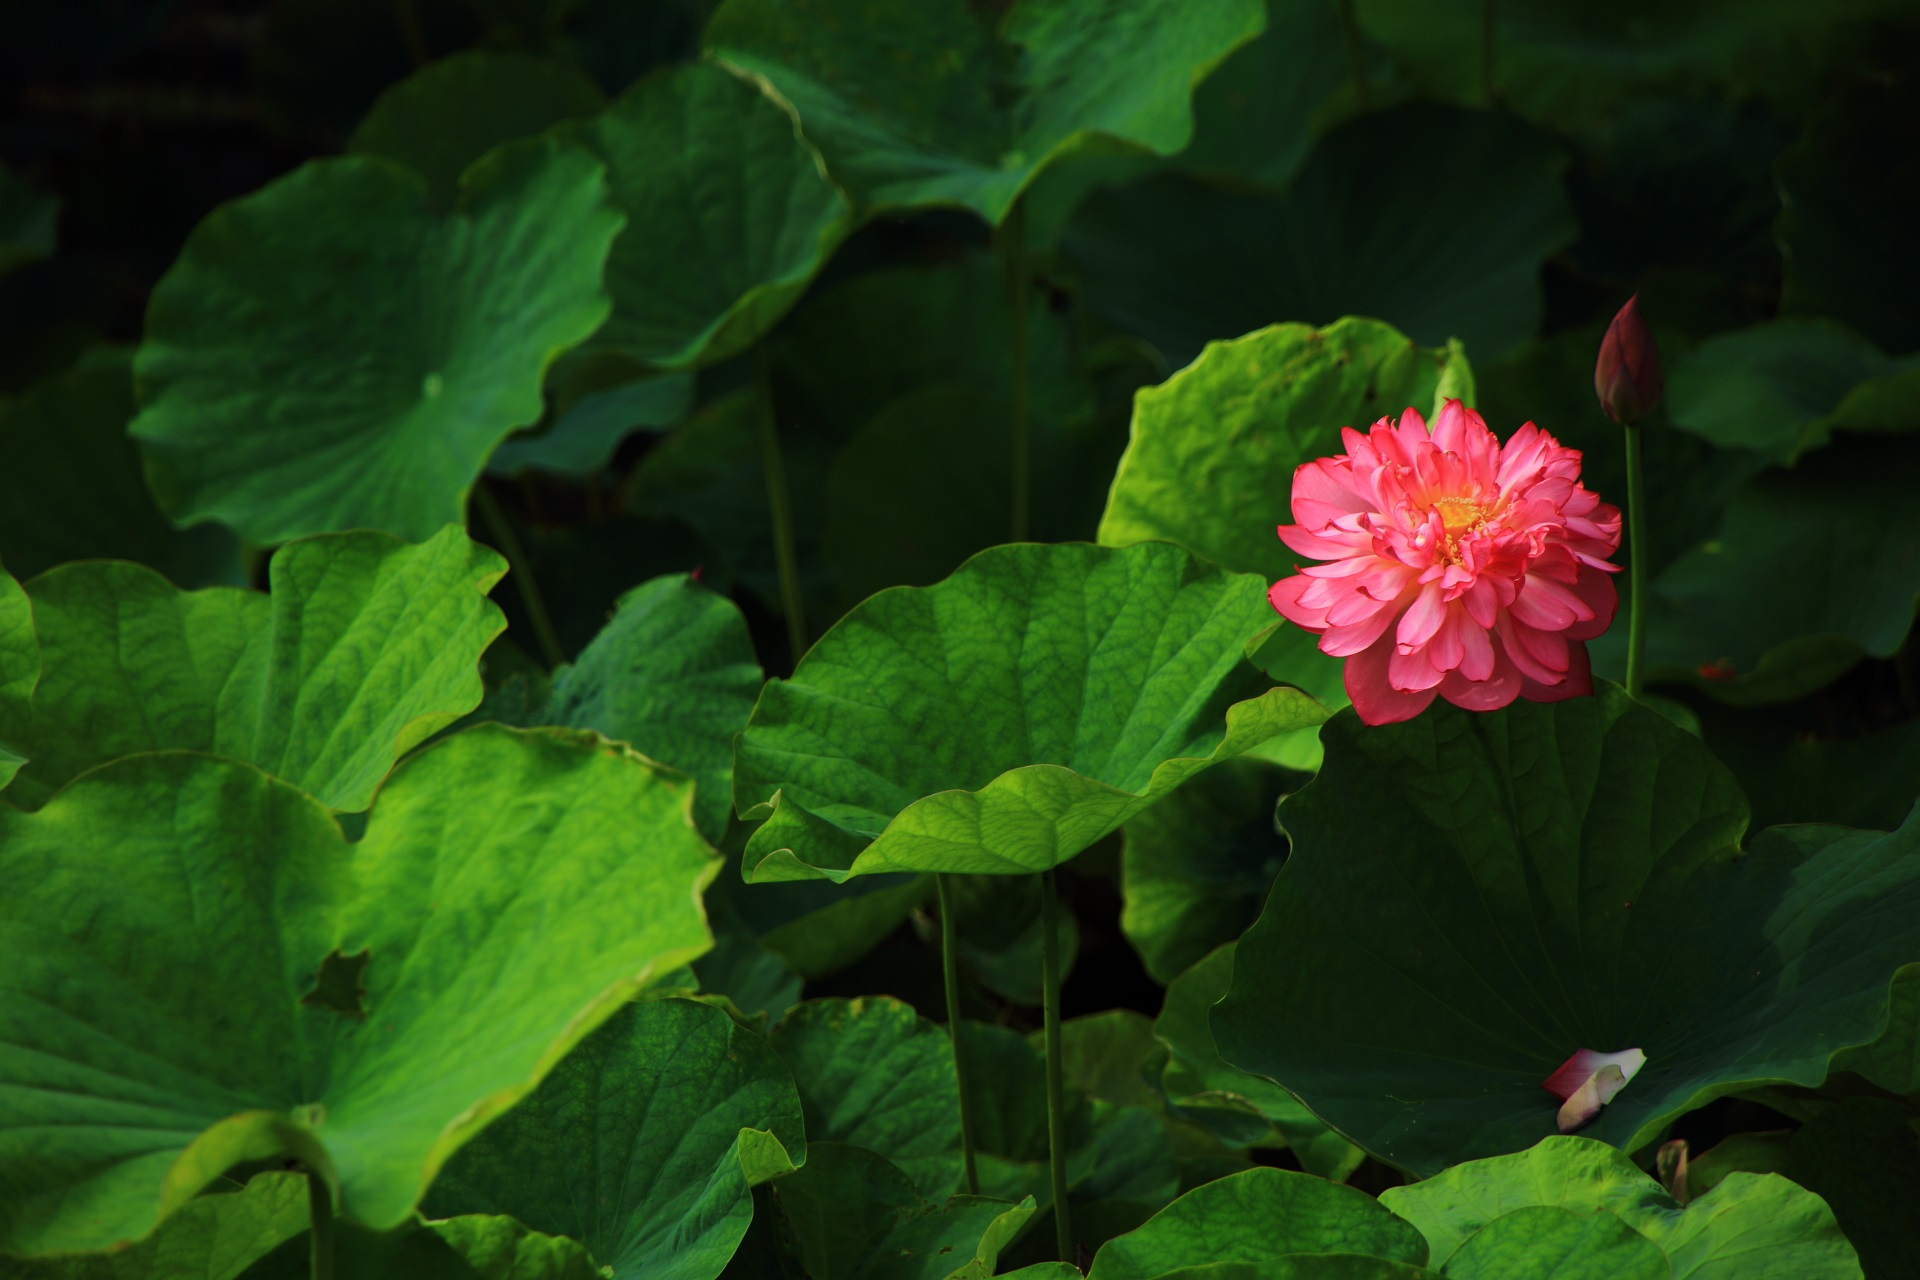 色んな種類や形がある蓮のうちの花びらがたくさんある蓮の花